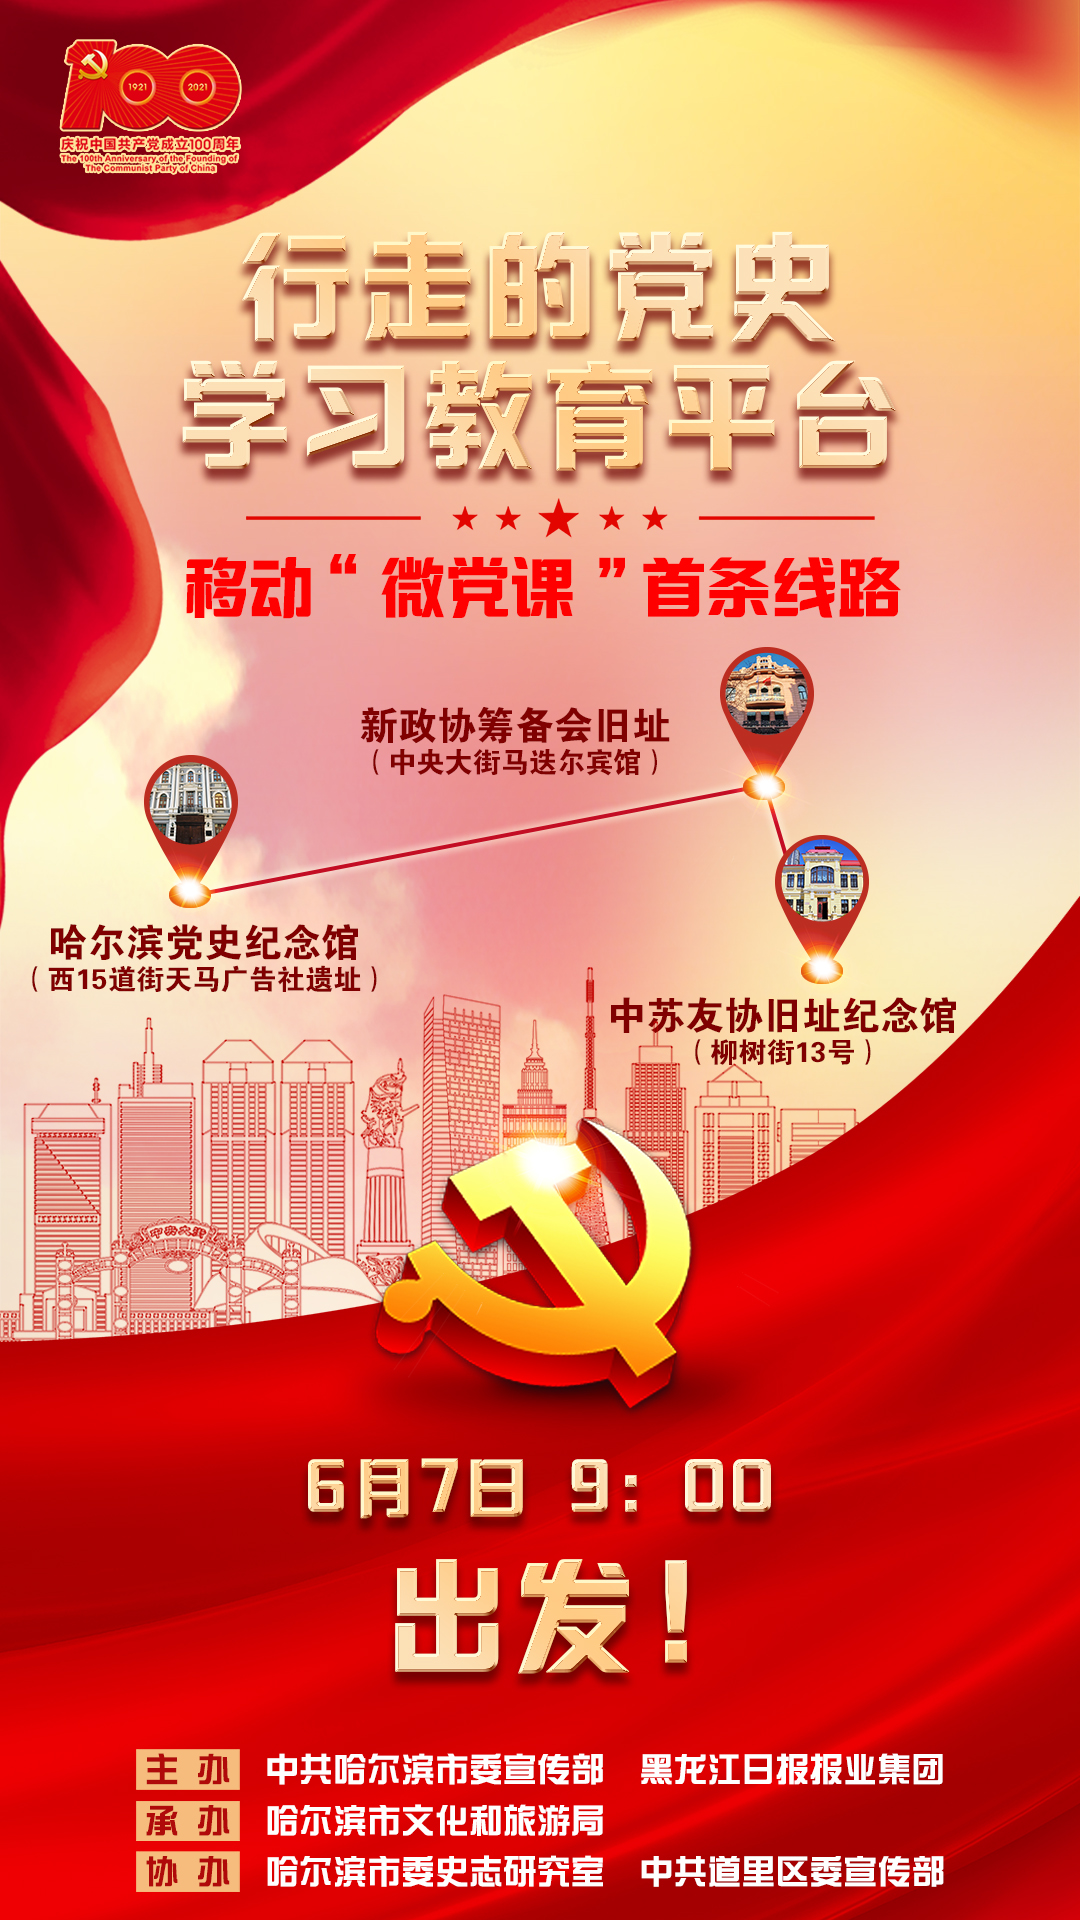 重磅!哈尔滨发布4条红色旅游线路!等你来打卡